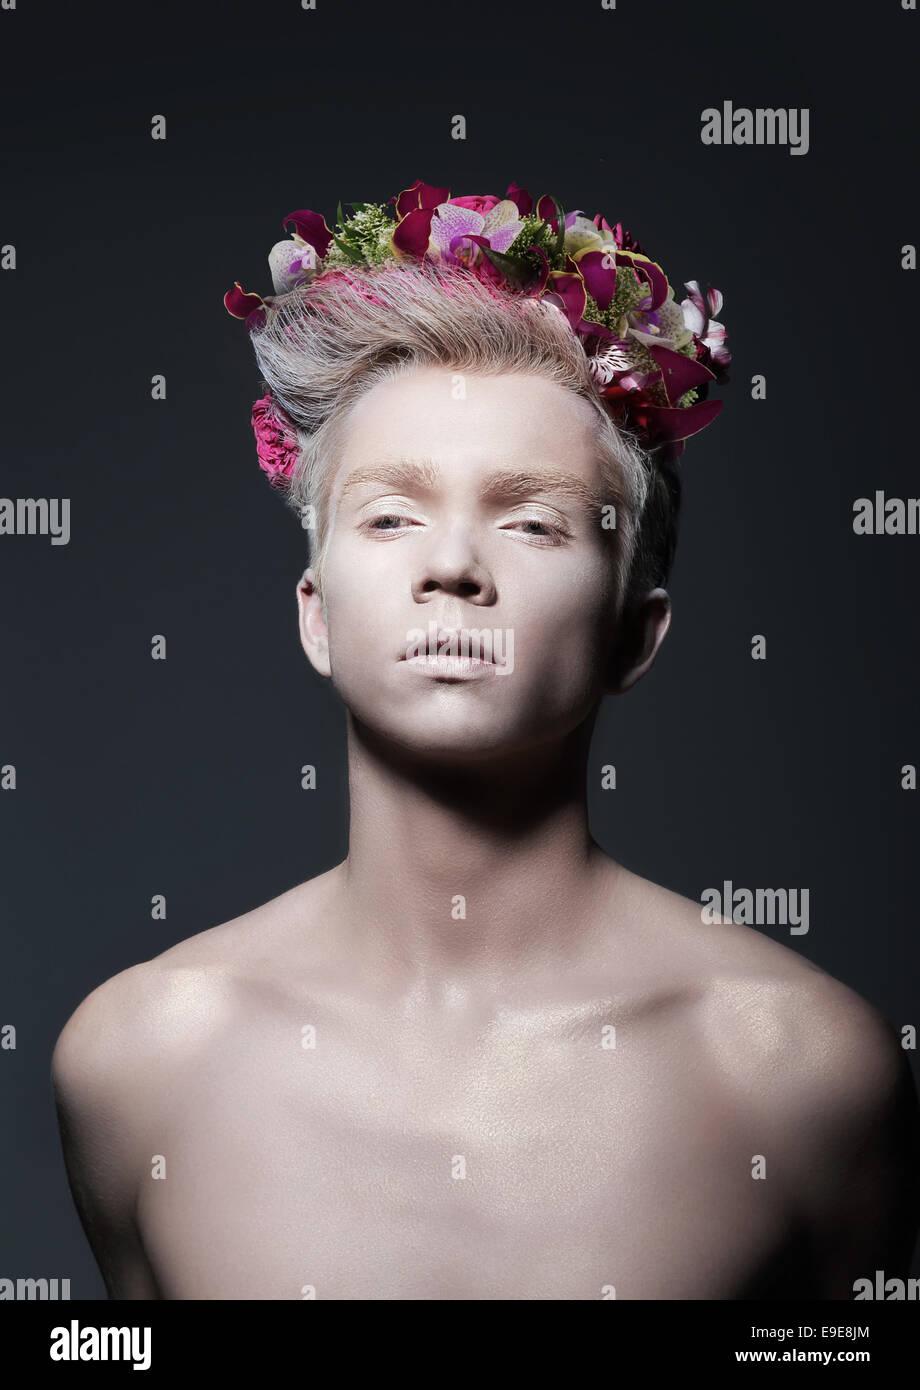 Bellezza. Giovane uomo con corona di fiori su grigio Immagini Stock